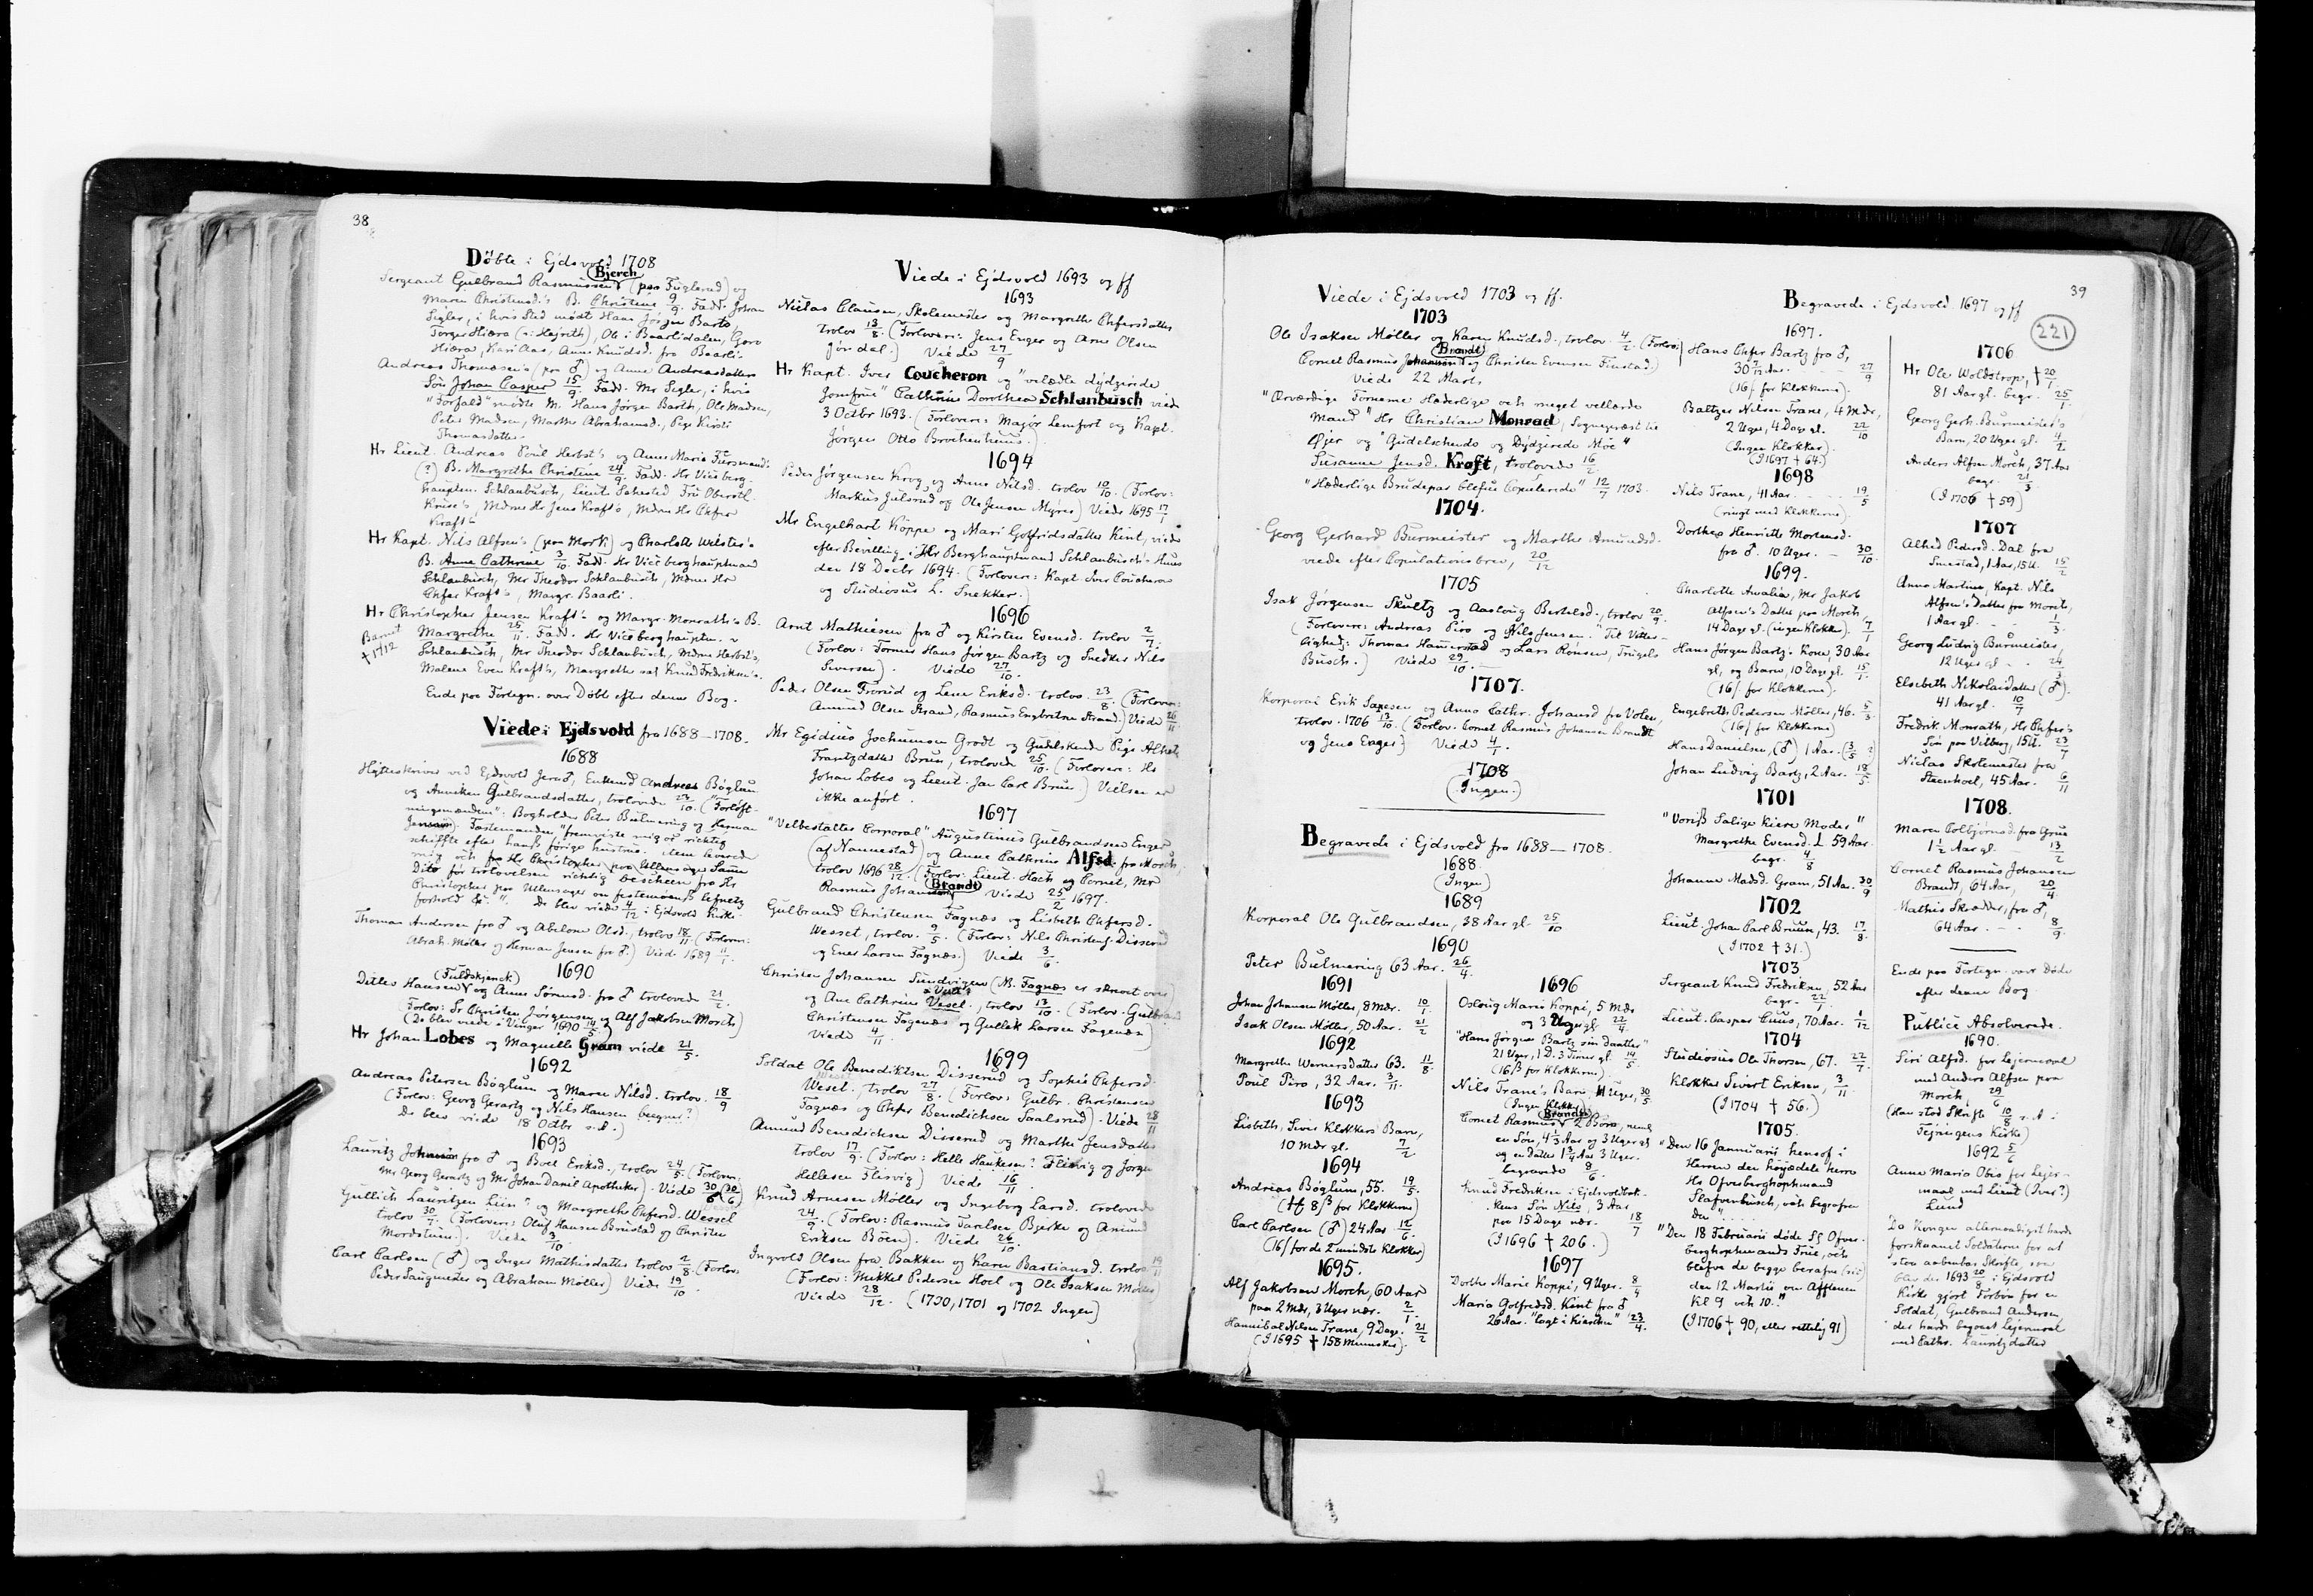 RA, Lassens samlinger, F/Fc, s. 221